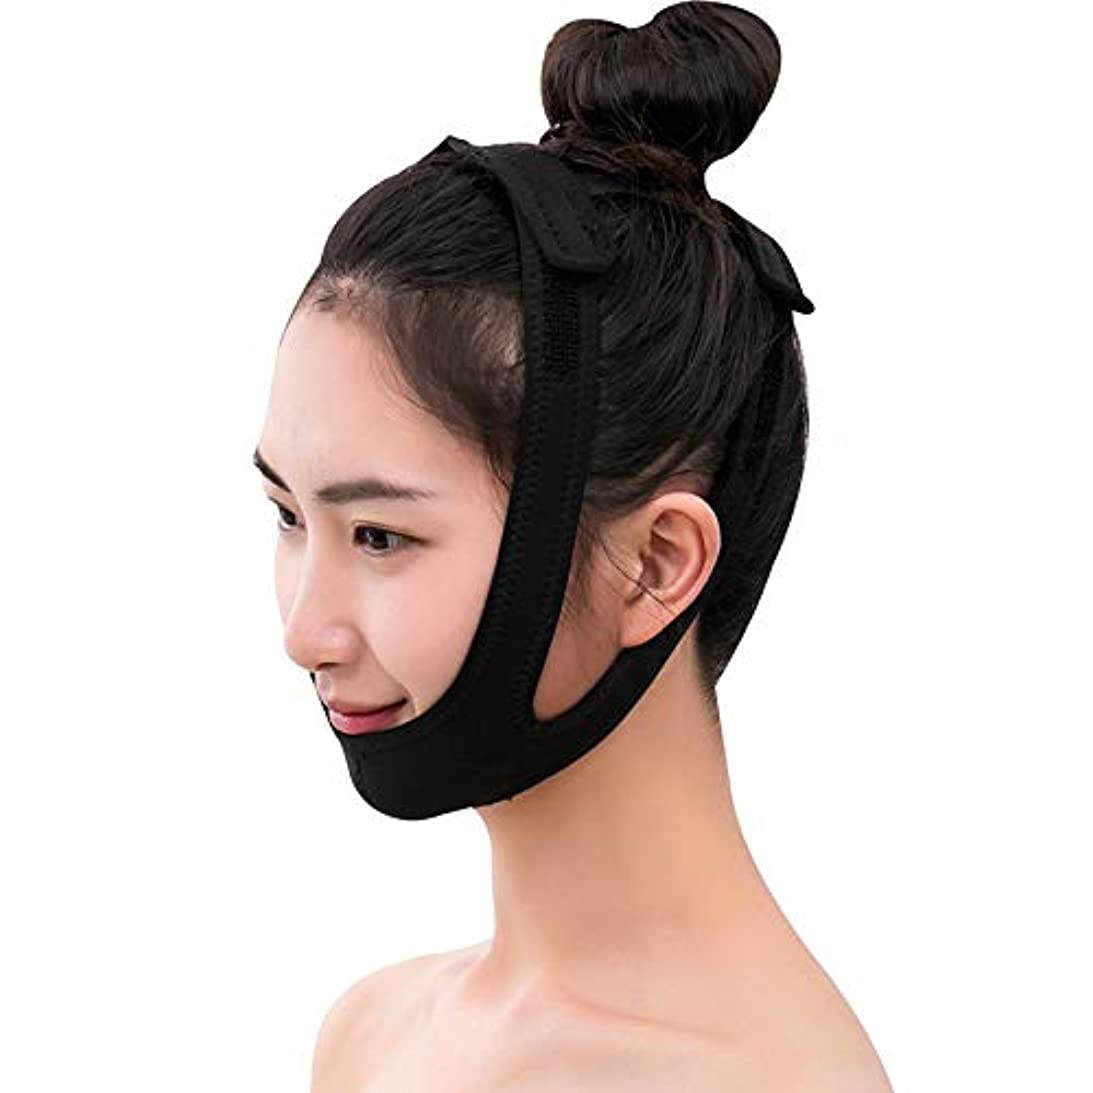 リア王ピニオントーンフェイスリフトベルト 薄いフェイスバンド - 薄い顔の包帯ビューティーインストゥルメントフェイシャルリフト睡眠マスク法Vフェイスマスクの通気性を作る